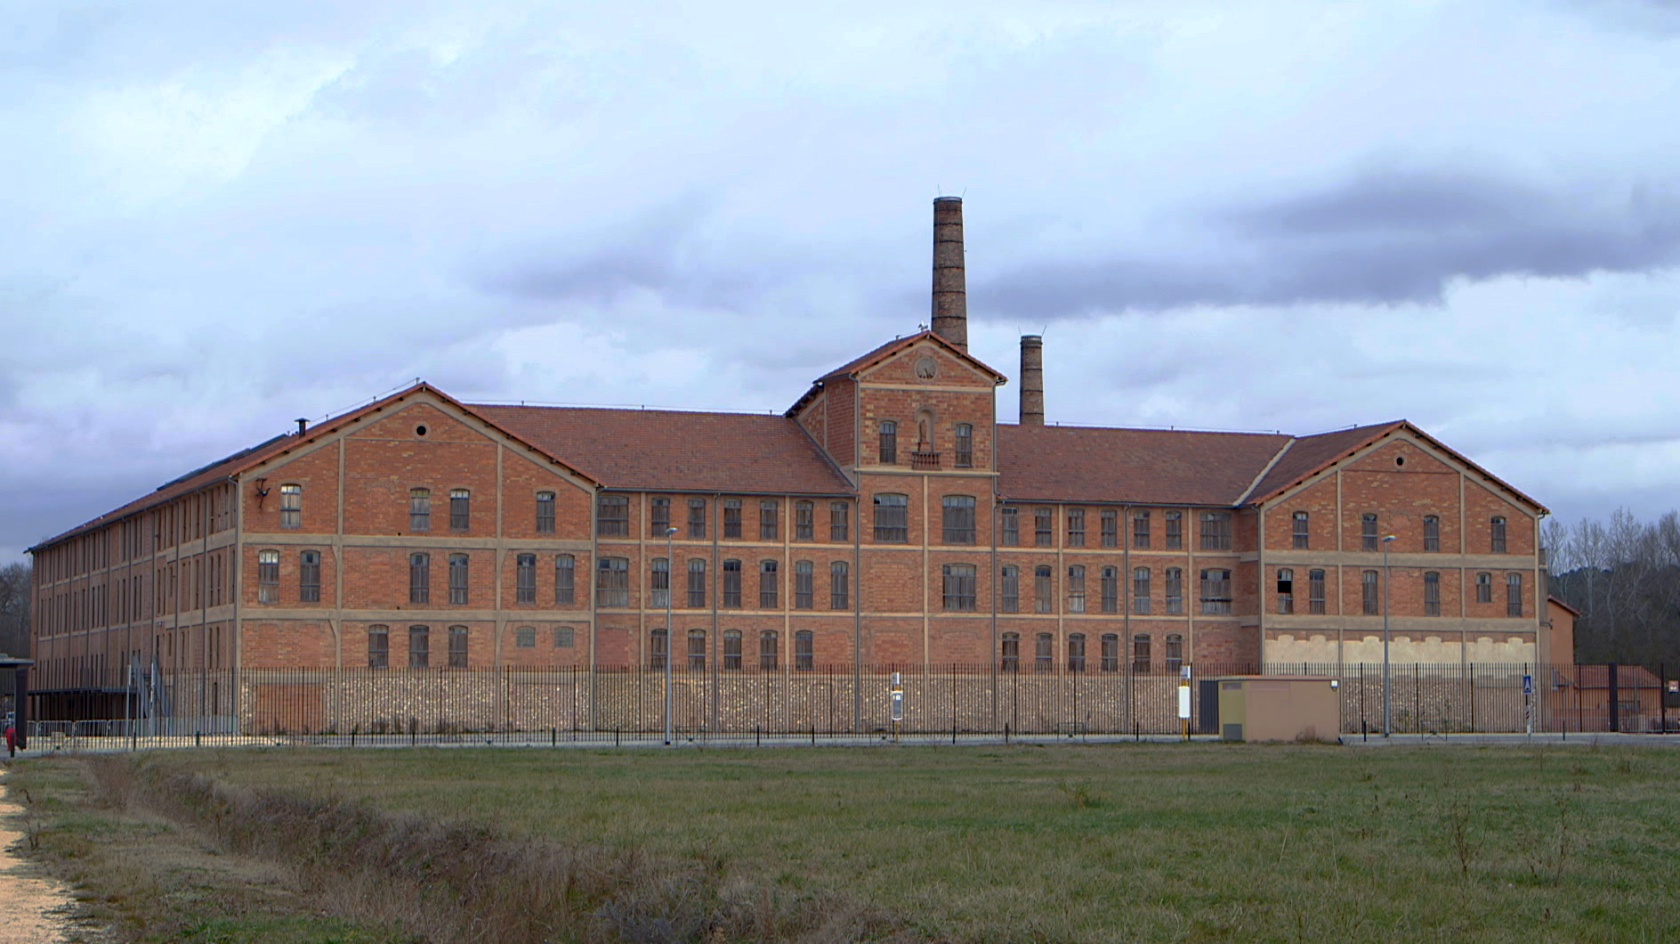 Grande usine en briques avec ciel couvert